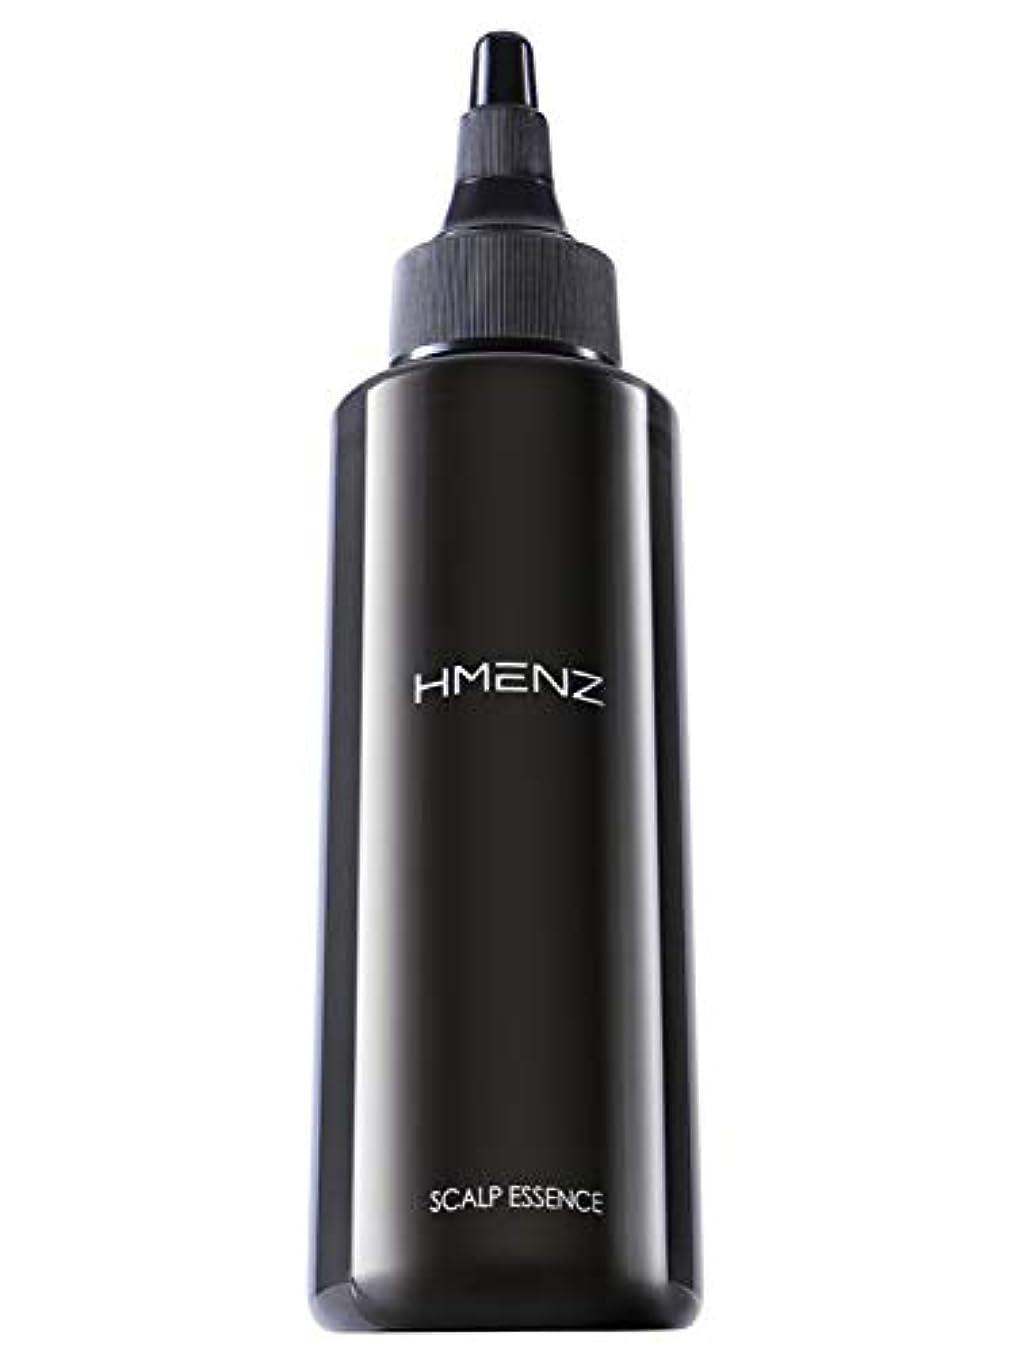 無すみませんサスペンション医薬部外品 HMENZ メンズ 育毛剤 スカルプエッセンス 毛髪エイジングケアシリーズ 和漢根 海藻配合 育毛トニック 120ml